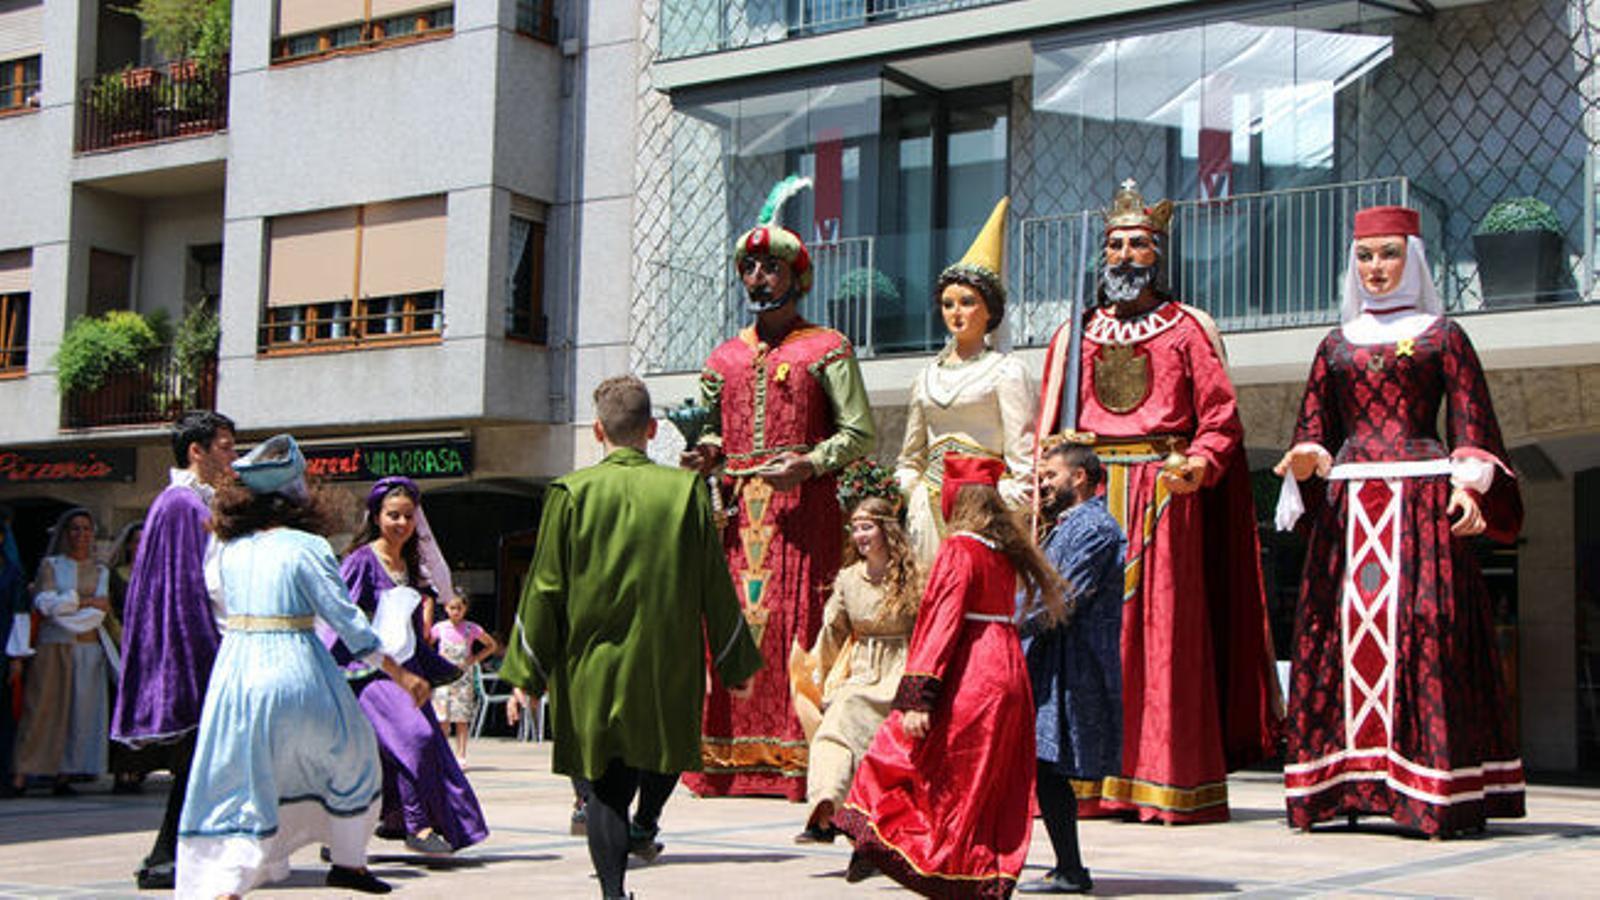 Danses medievals durant la festa major d'Andorra la Vella. / ARXIU ANA